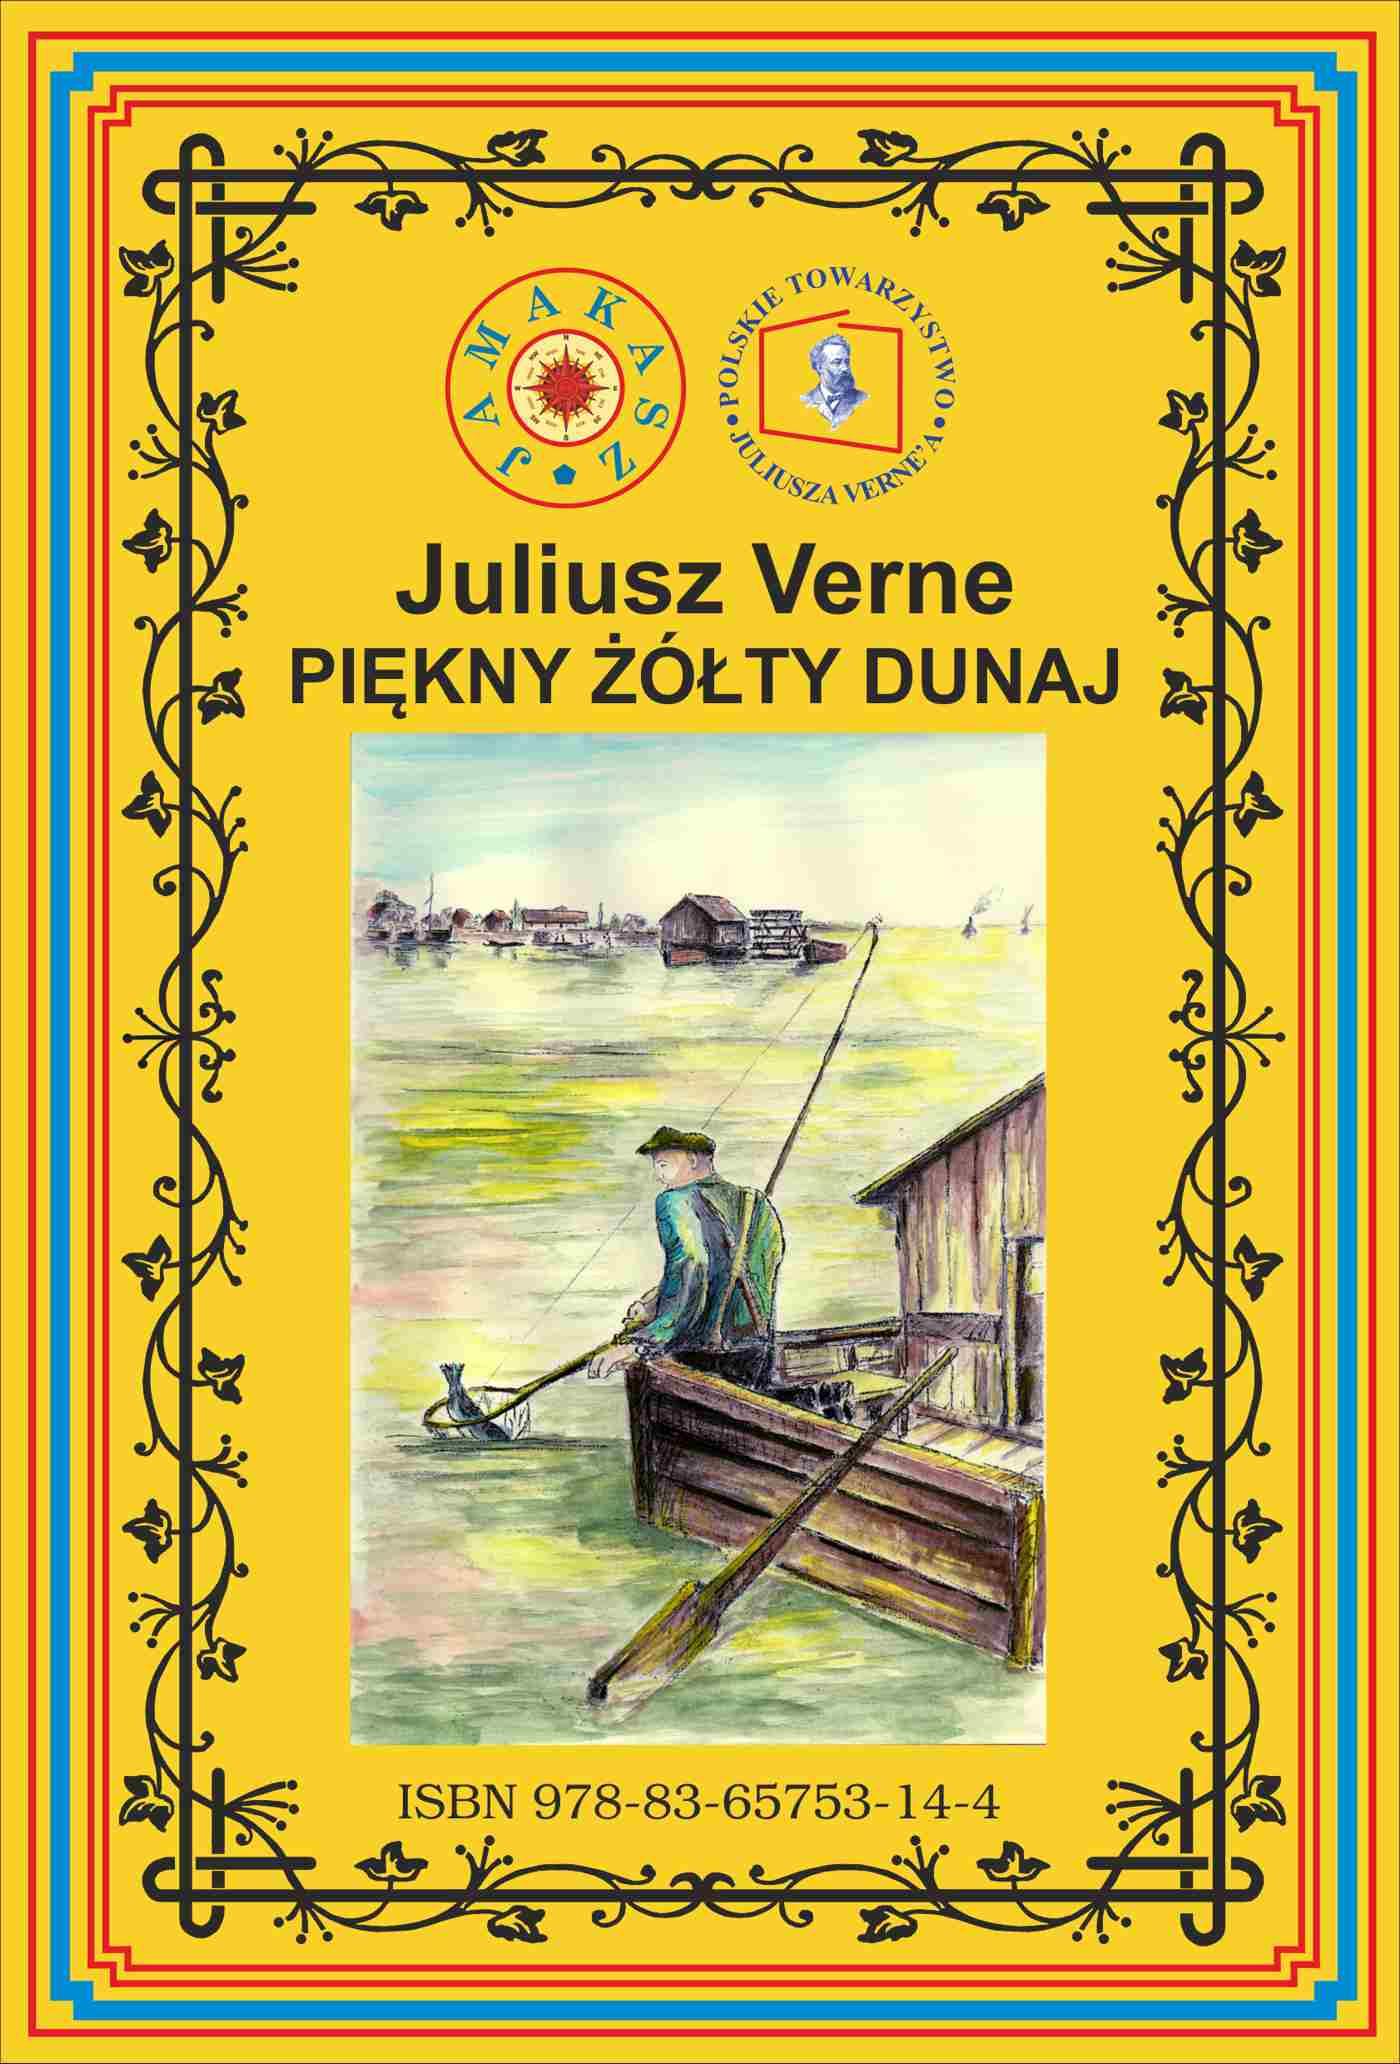 Piękny żółty Dunaj. Wg rękopisu. Pierwsze polskie tłumaczenie - Ebook (Książka na Kindle) do pobrania w formacie MOBI